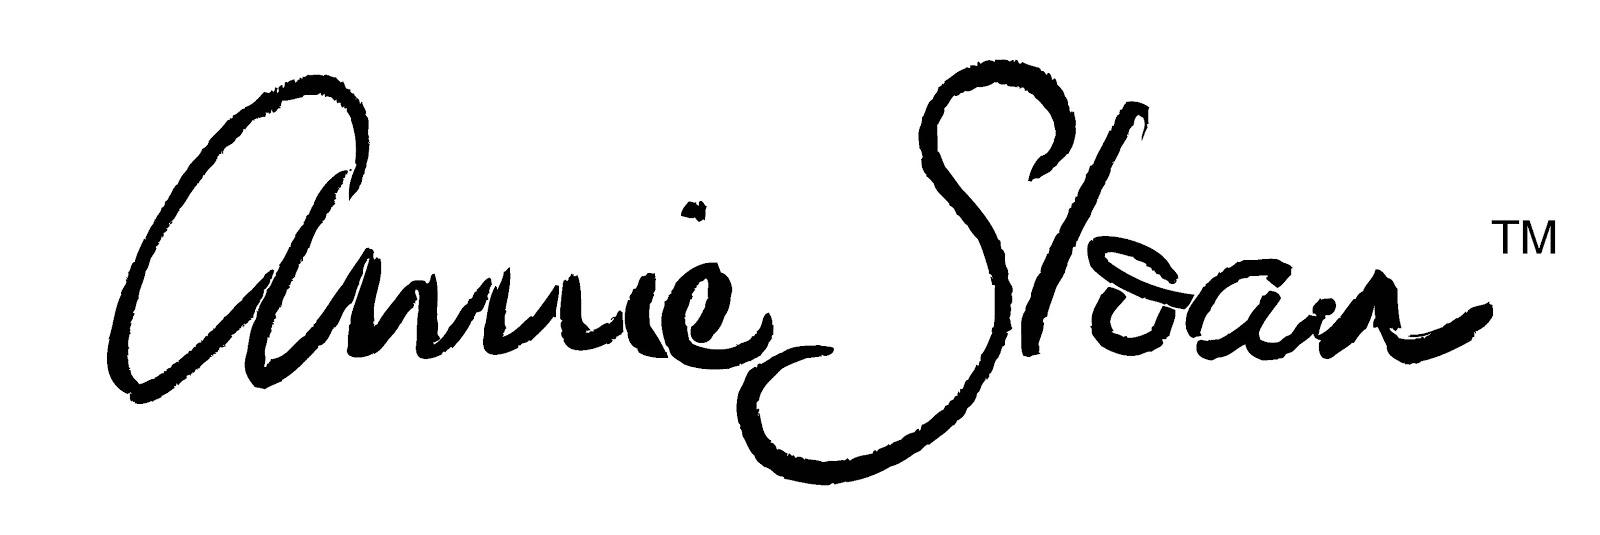 annie sloan logo -#main